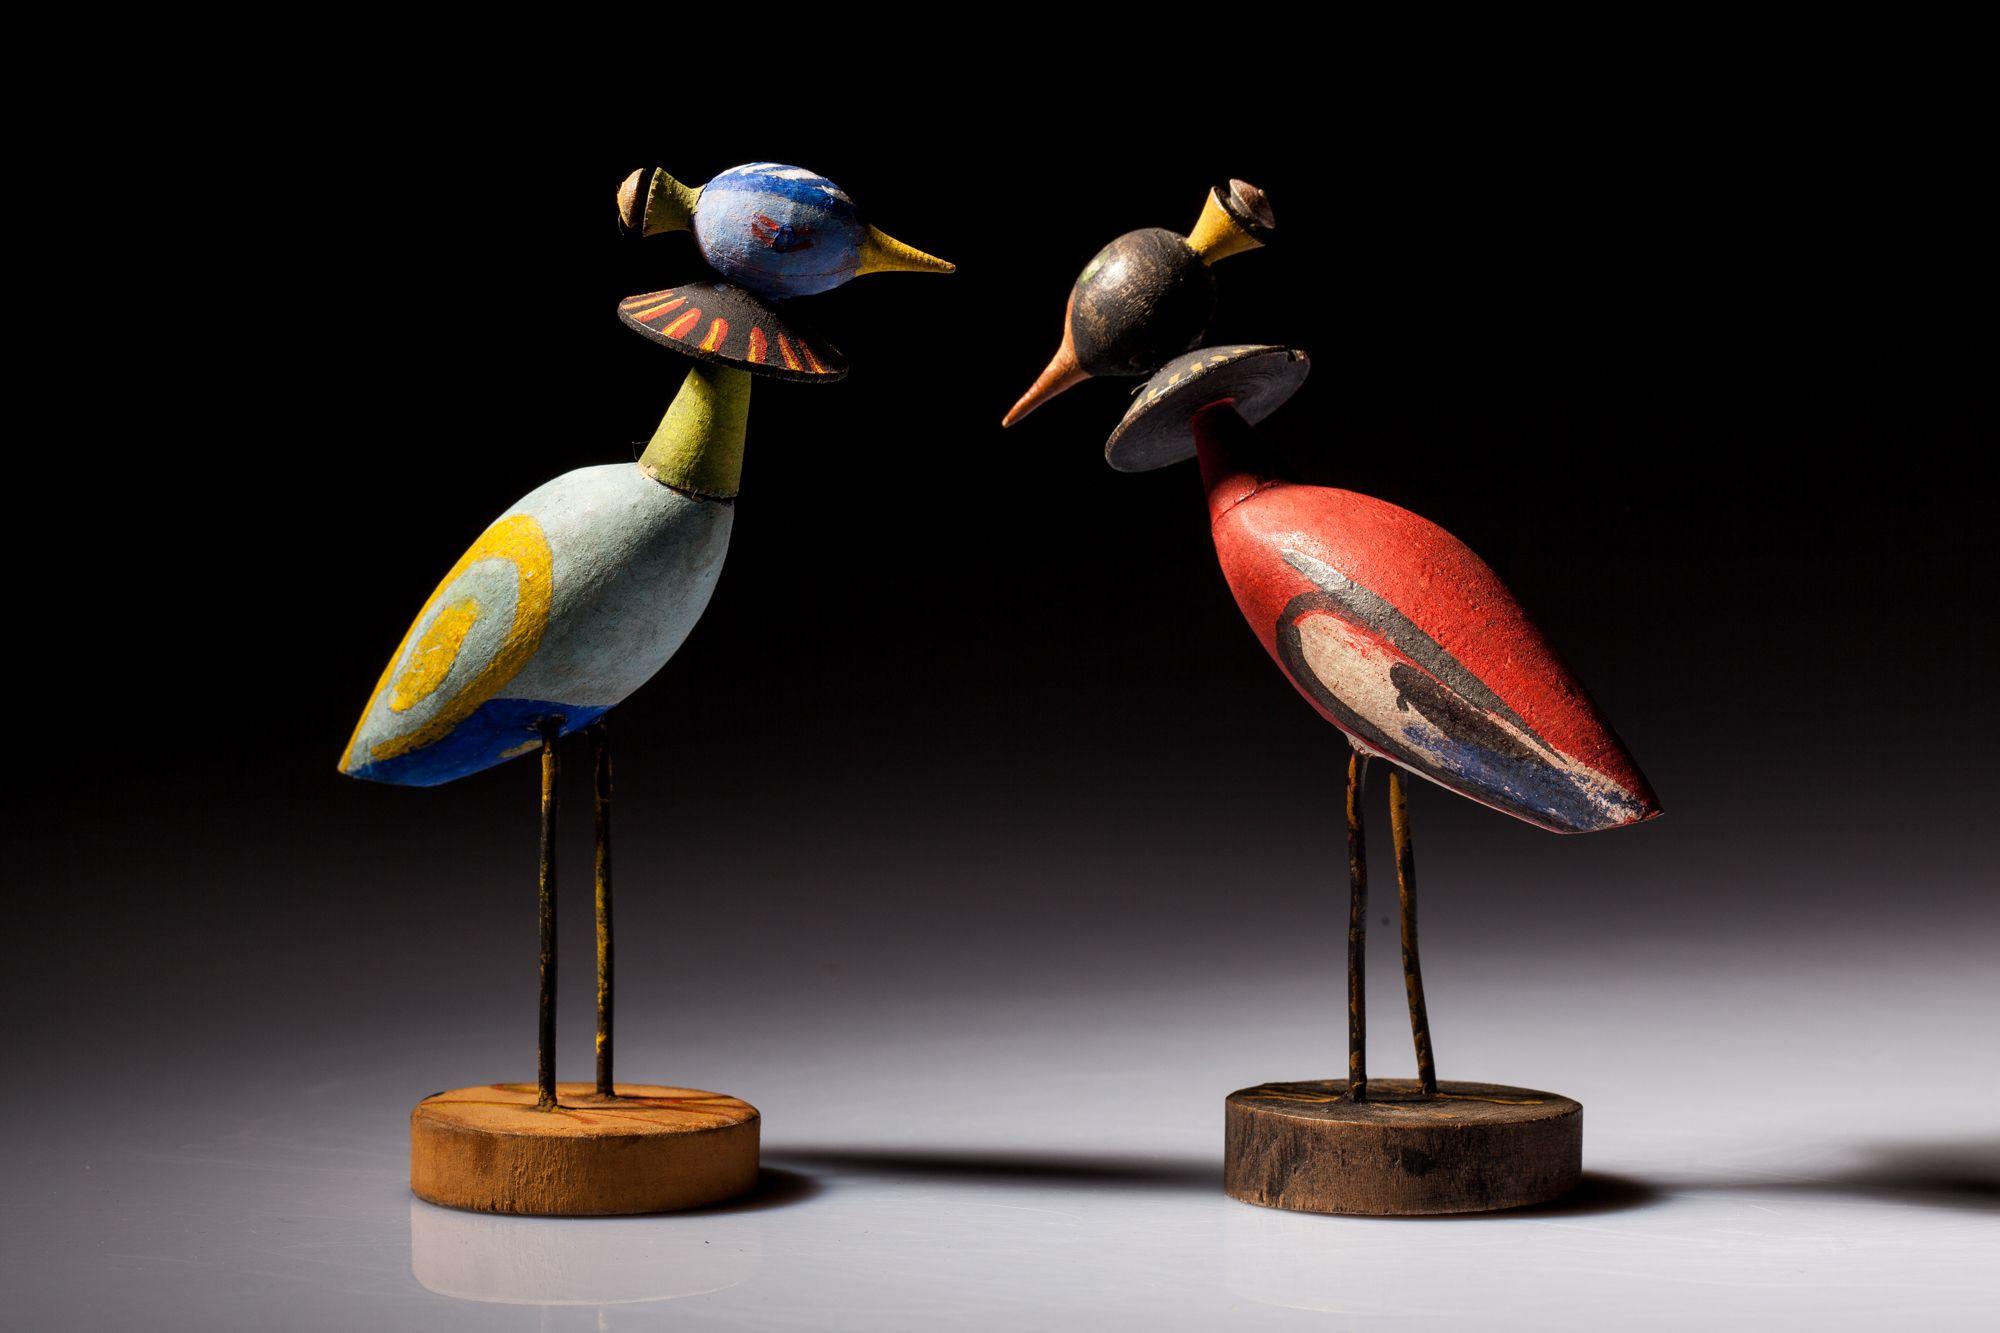 Zabawki-ptaki według projektu Zofii Stryjeńskiej dla Warszatów Krakowskich, źródło: Muzeum Etnograficzne w Krakowie